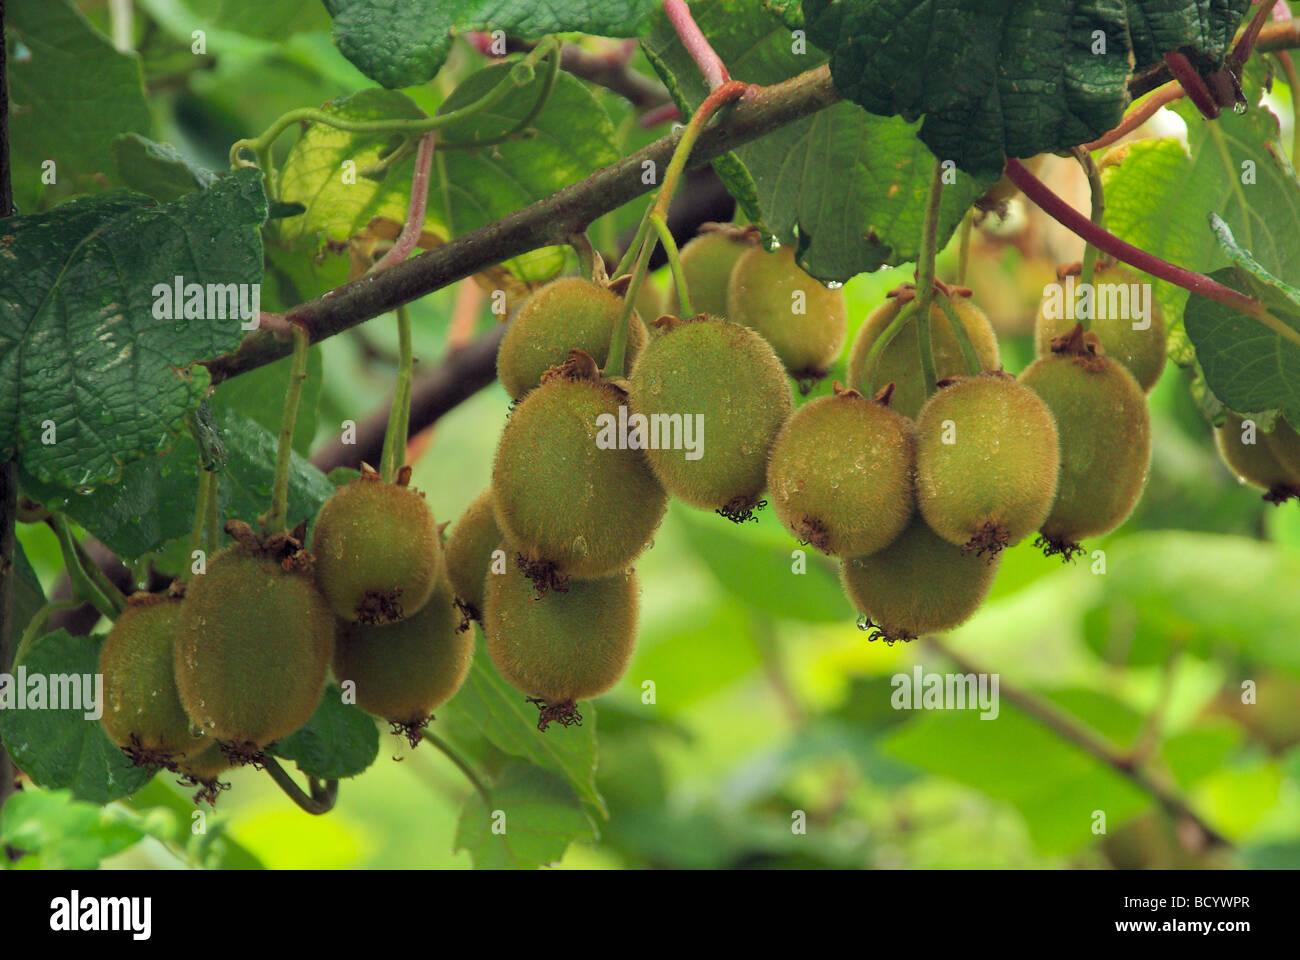 Kiwi am Strauch kiwi on bush 03 - Stock Image